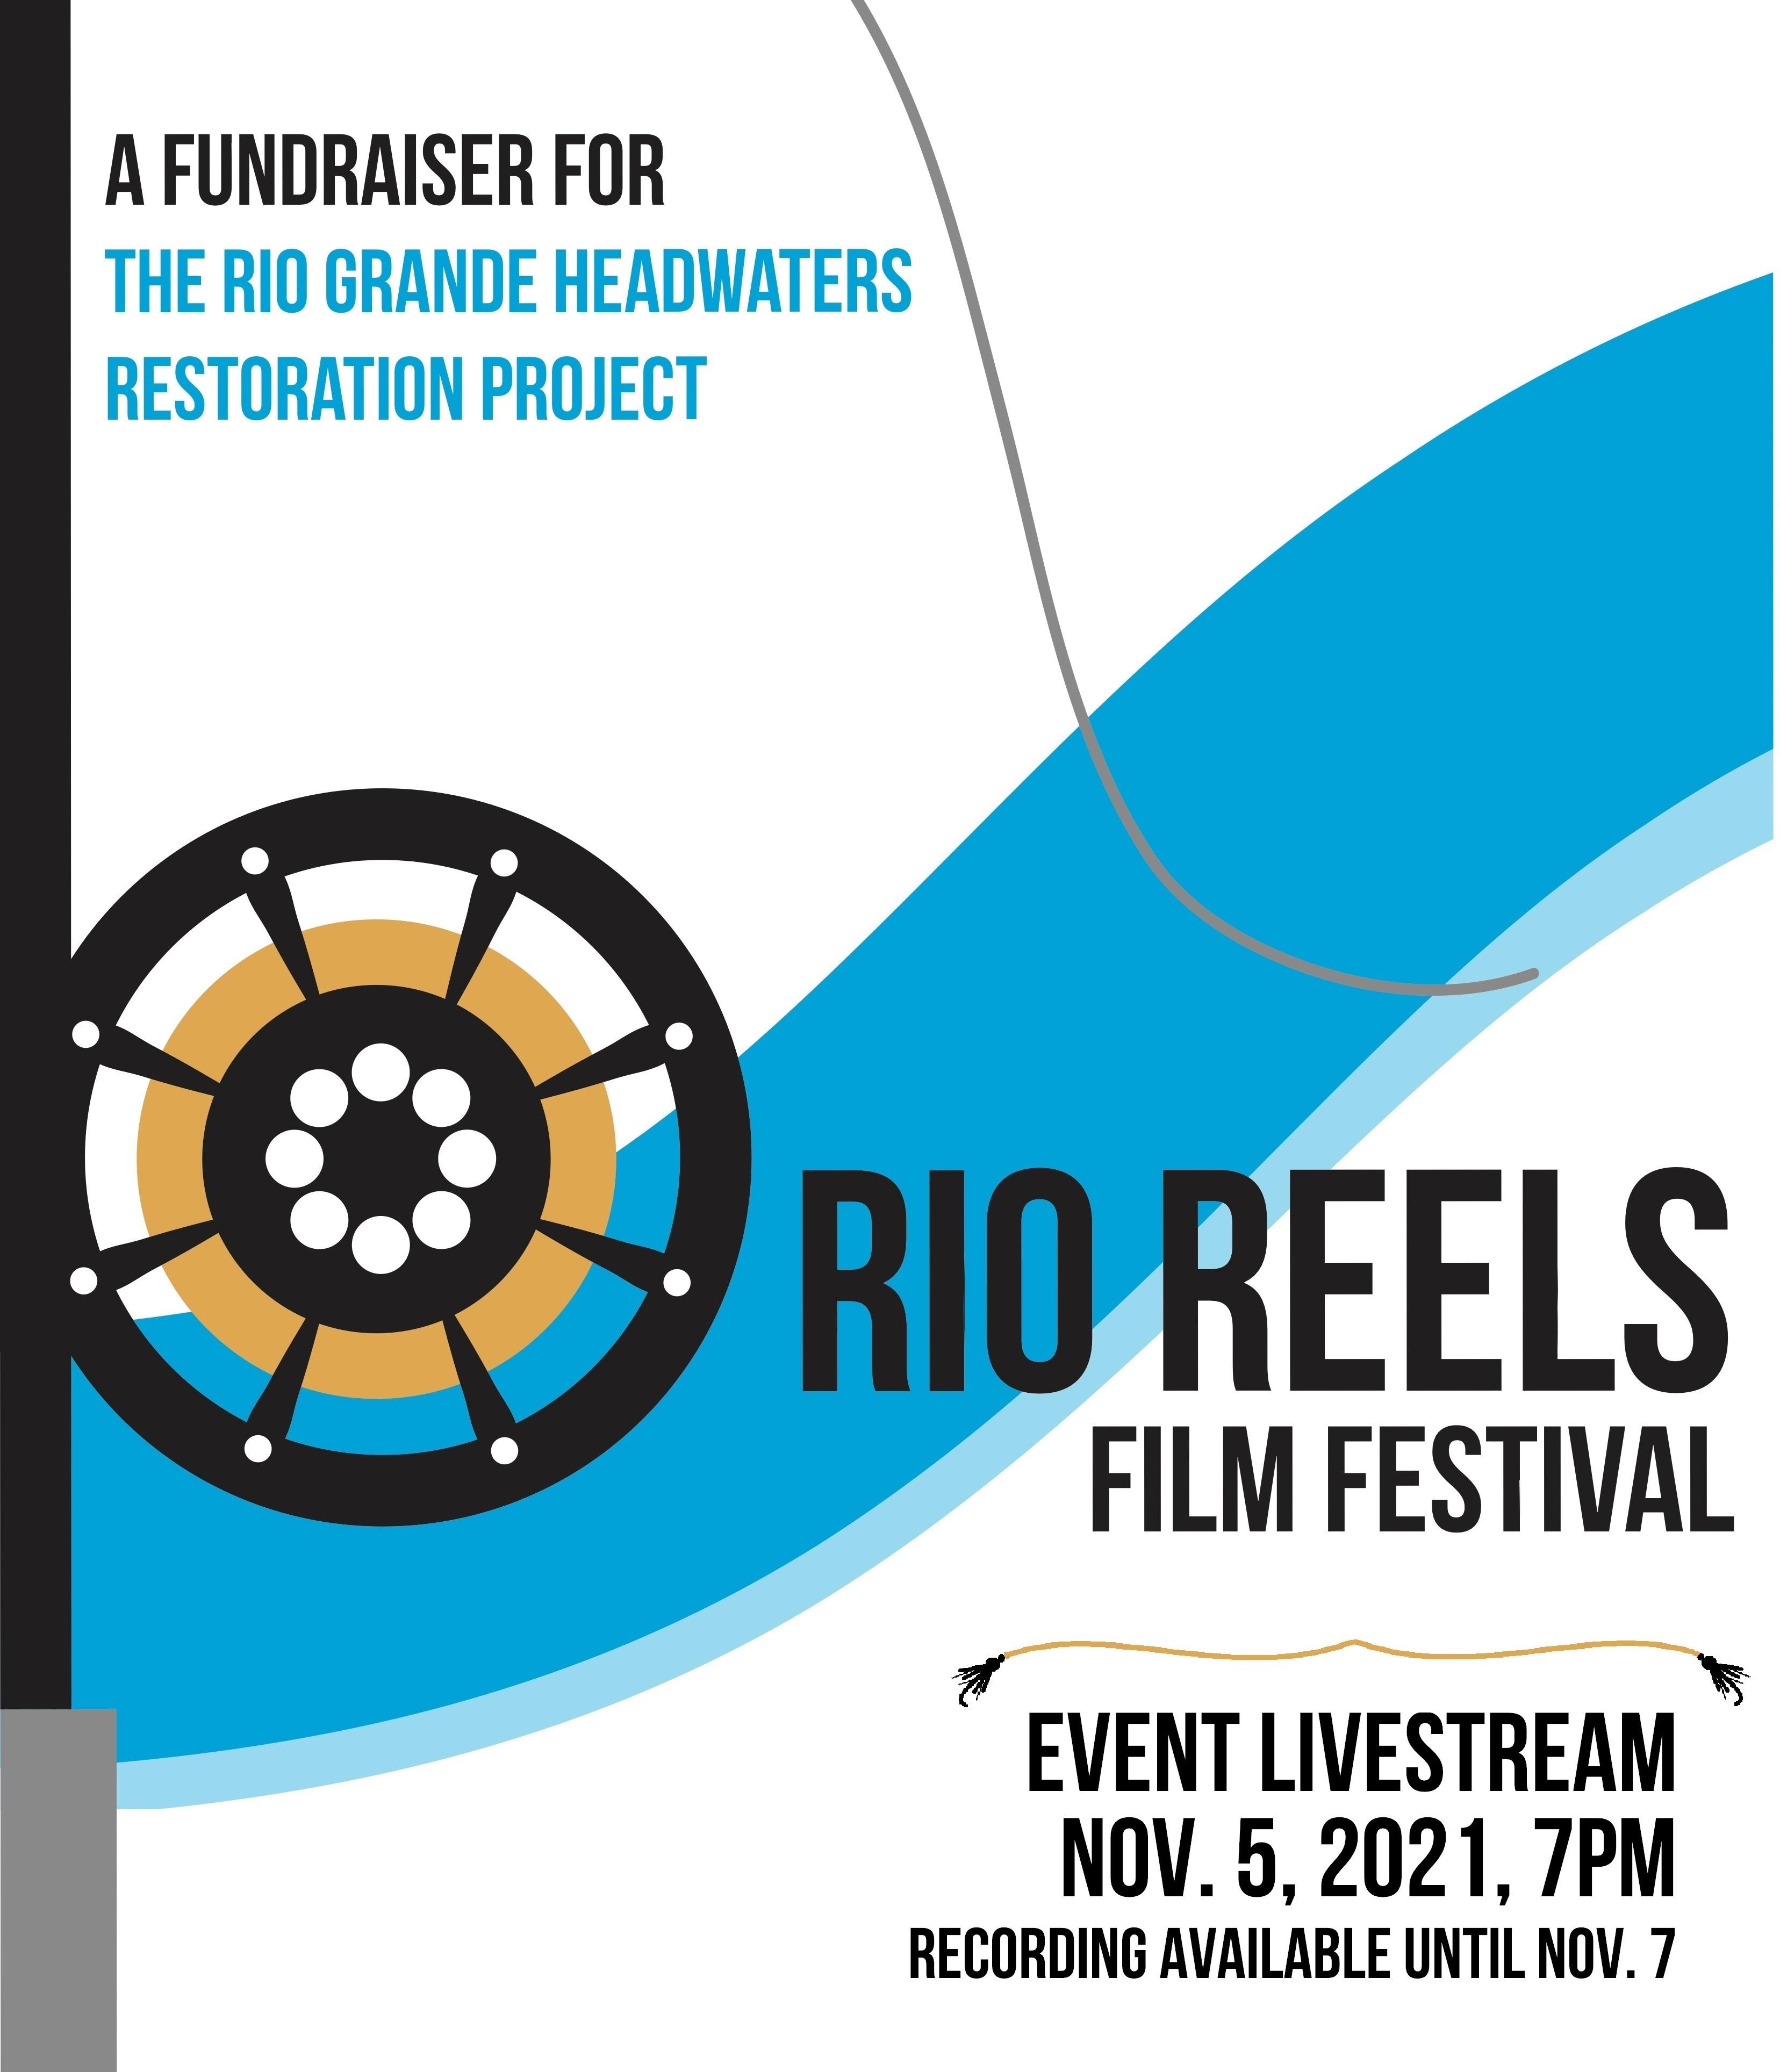 Rio Reels Film Festival 2021